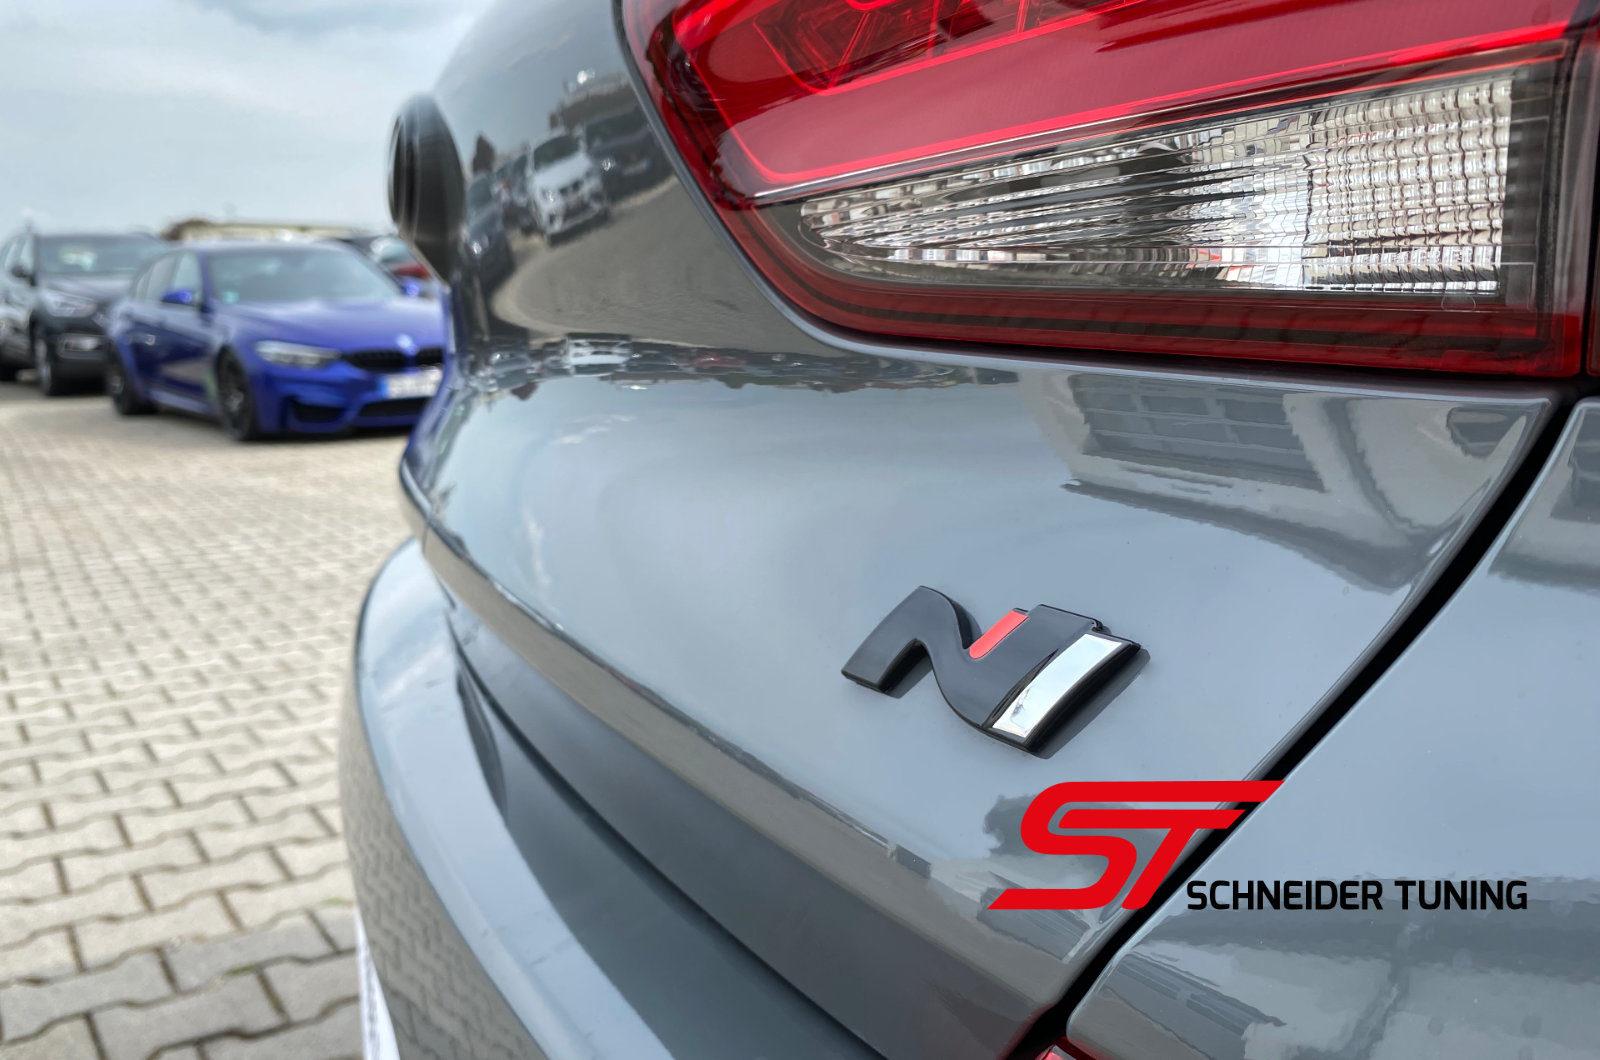 Hyundai-i30-N-logo-n-Schneider-Tuning